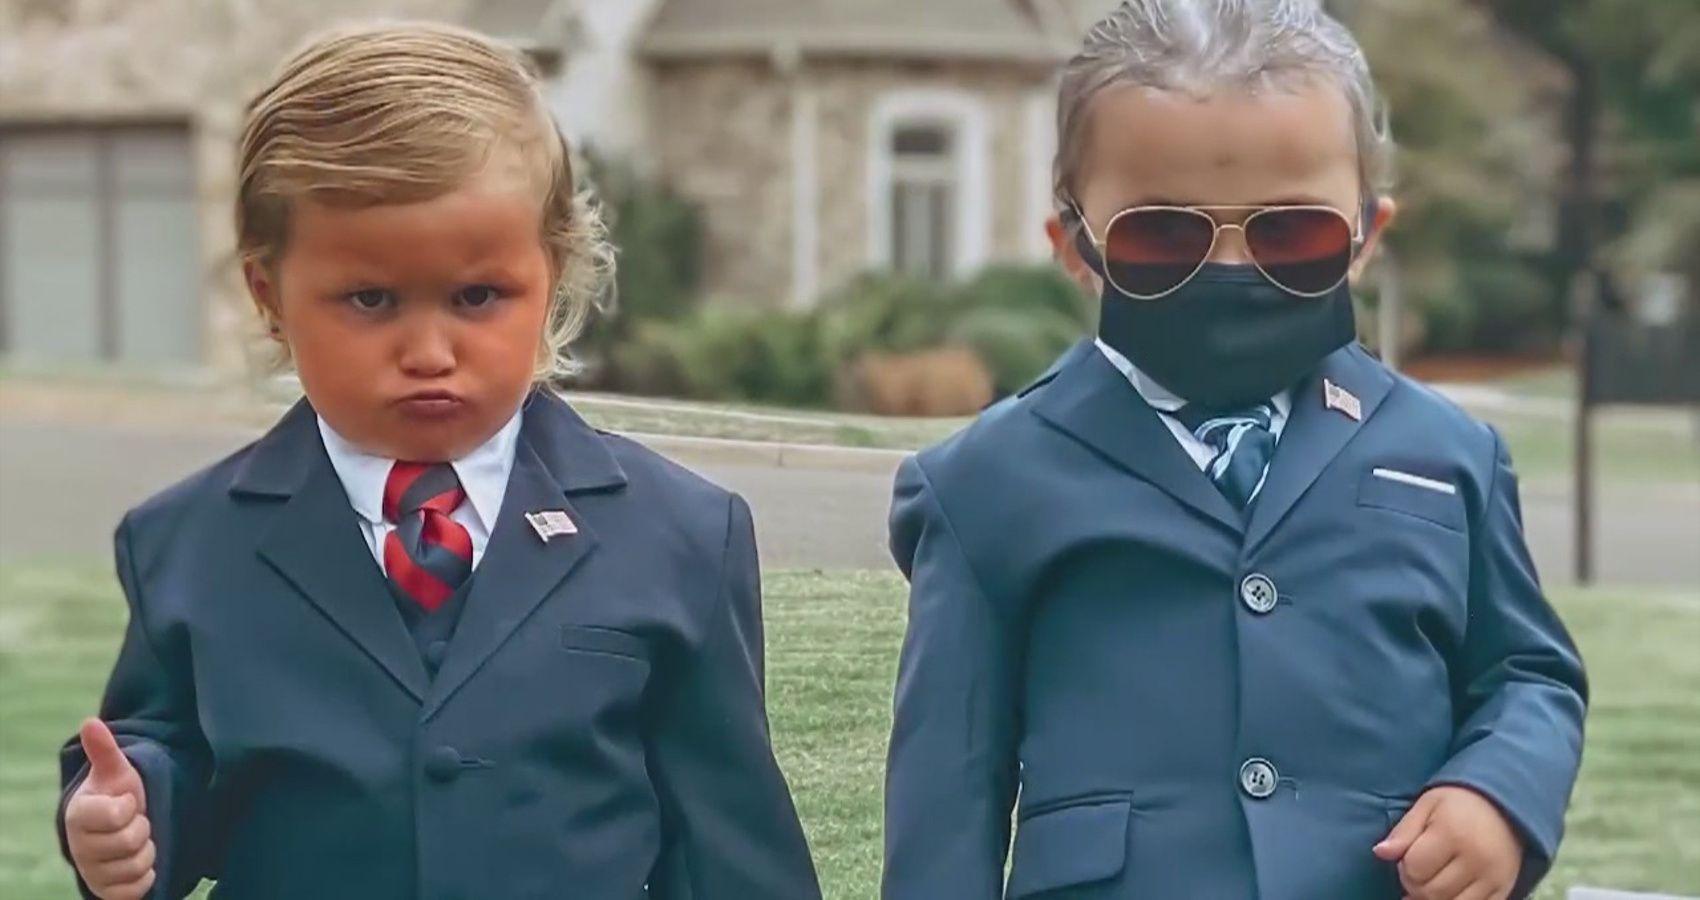 Twin Girls Win Halloween With Trump & Biden Costumes